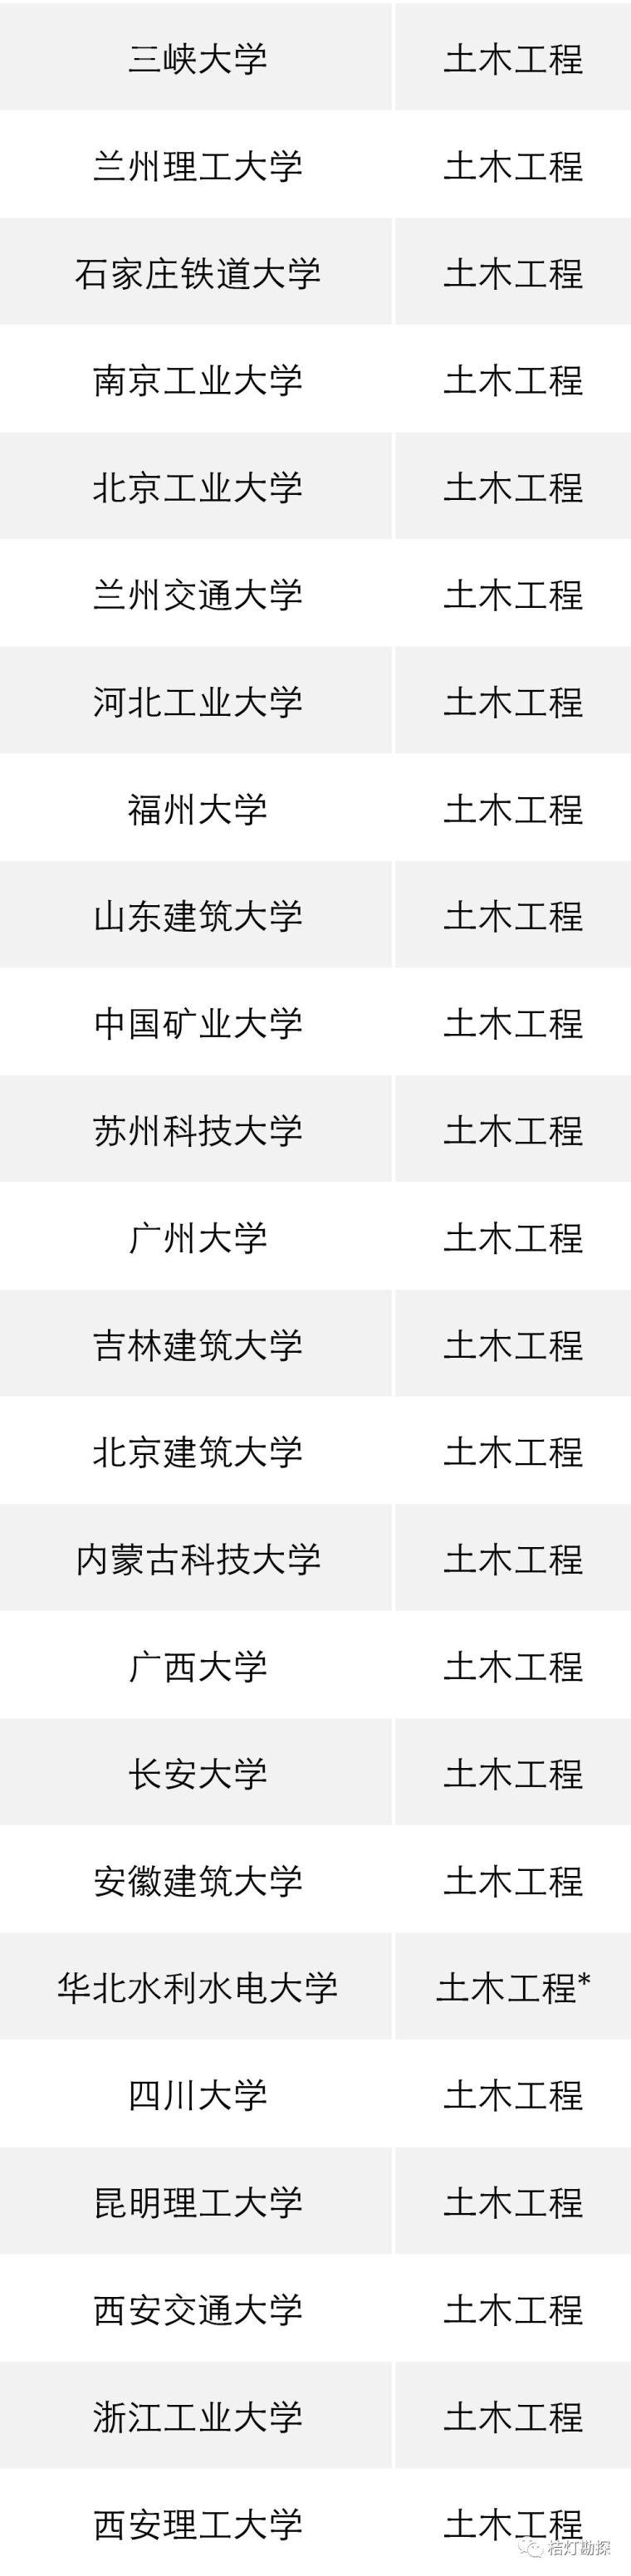 """教育部公布293个地学类工科专业进入全球""""第一方阵""""!_14"""